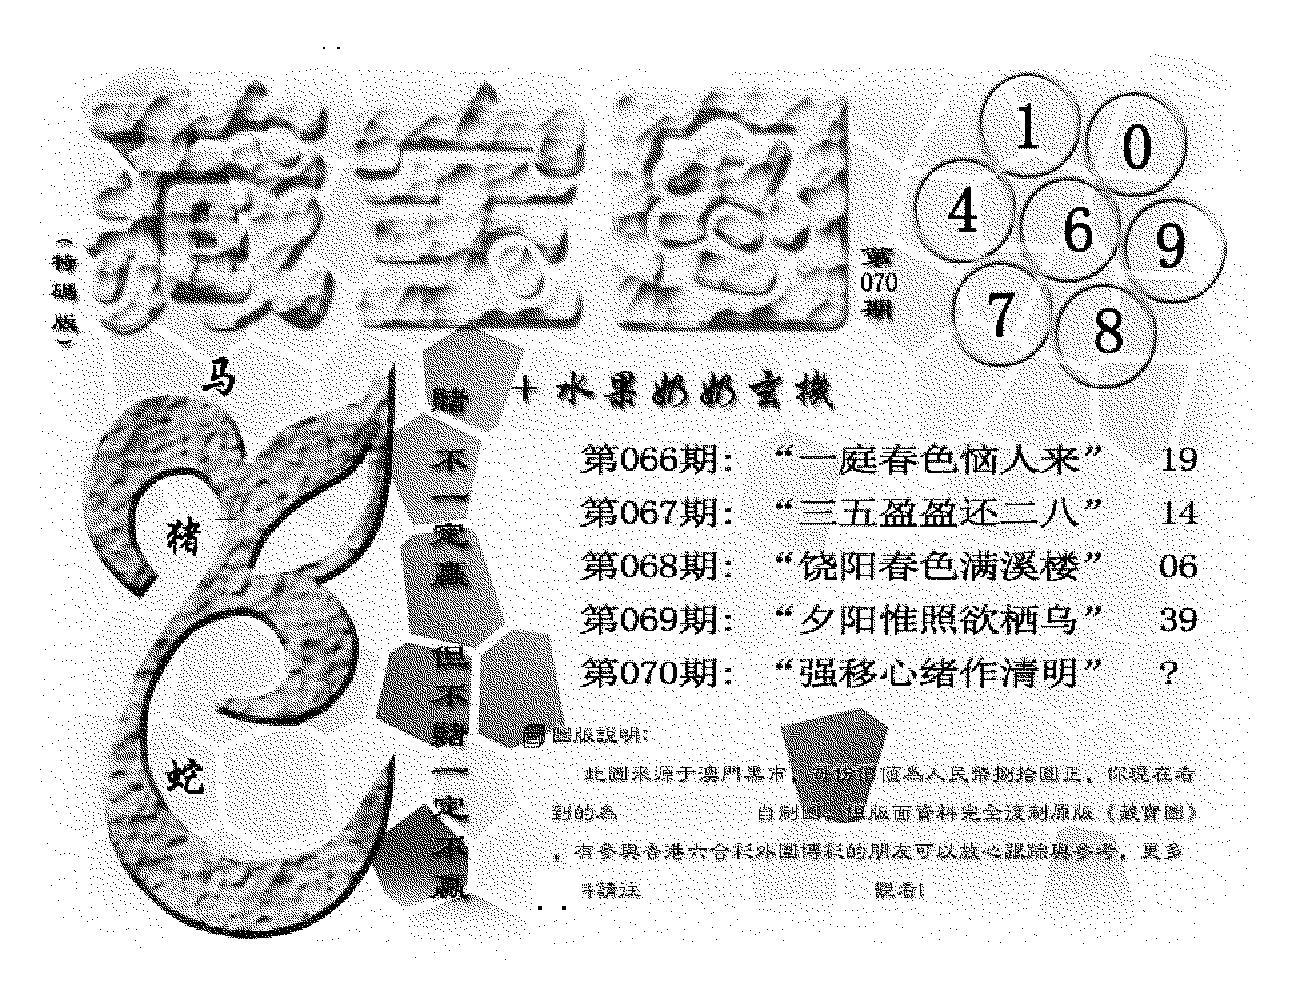 070期(九龙藏宝图)正版(黑白)